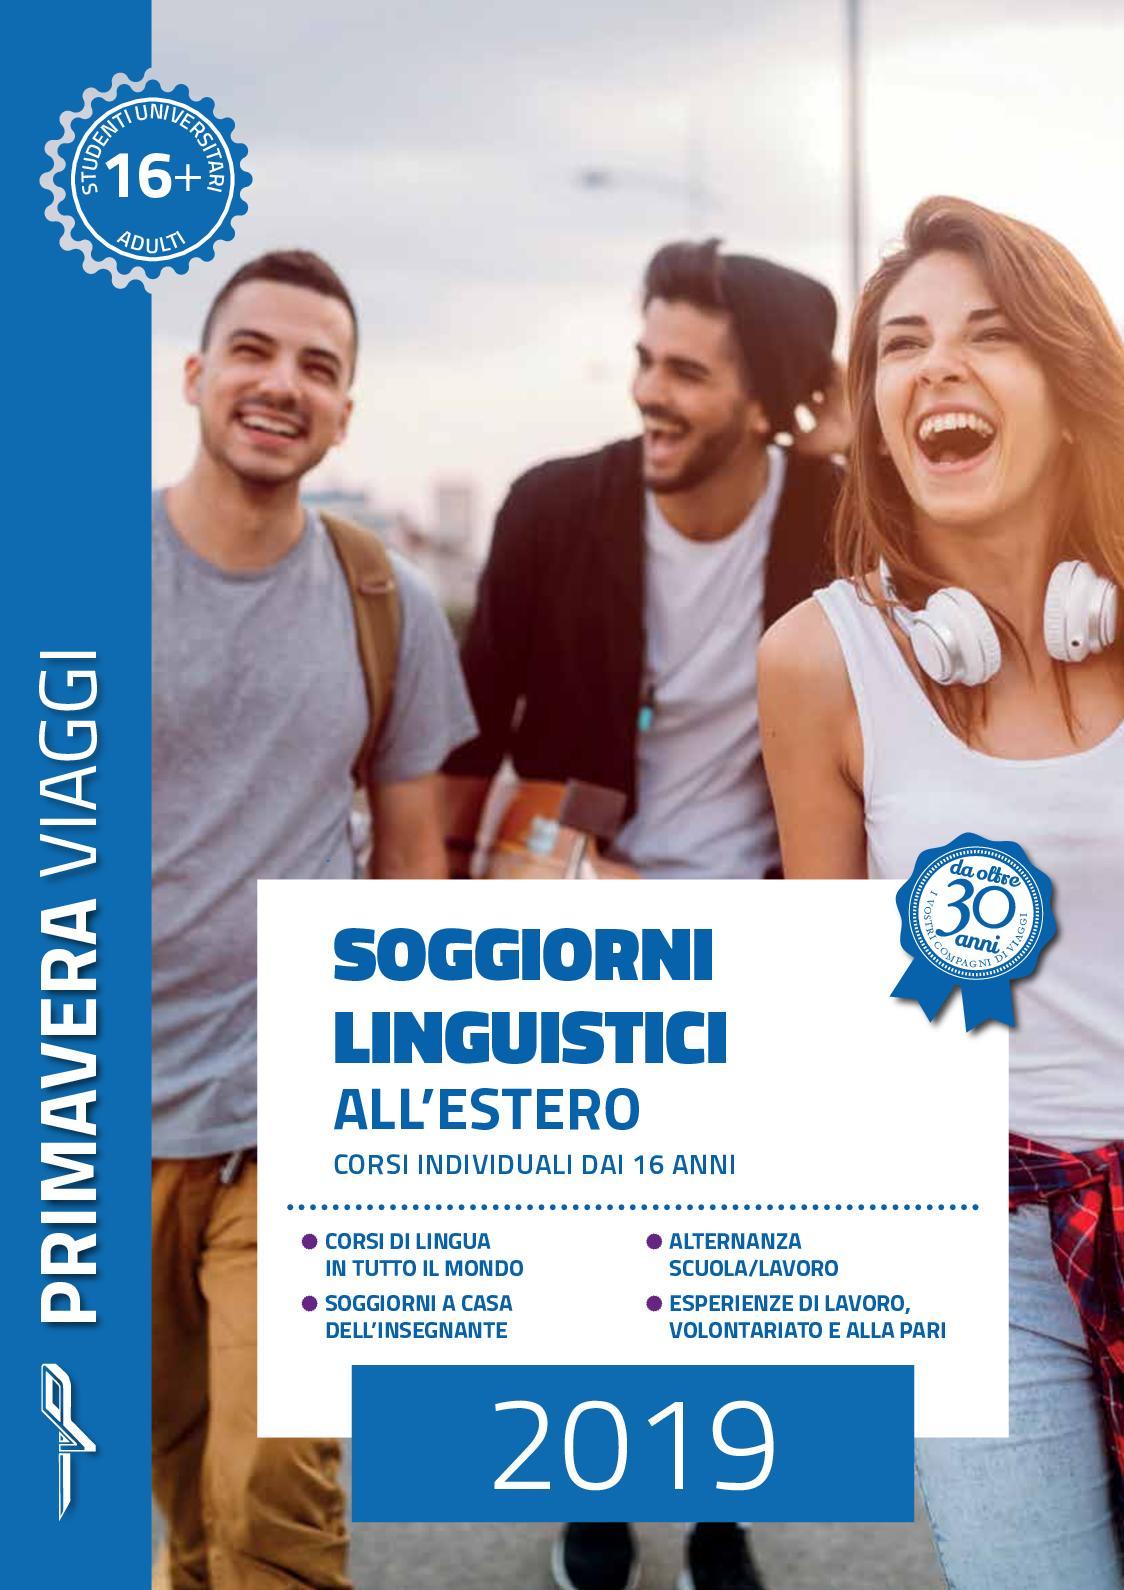 Calaméo - Primavera Viaggi - Soggiorni Linguistici 2019